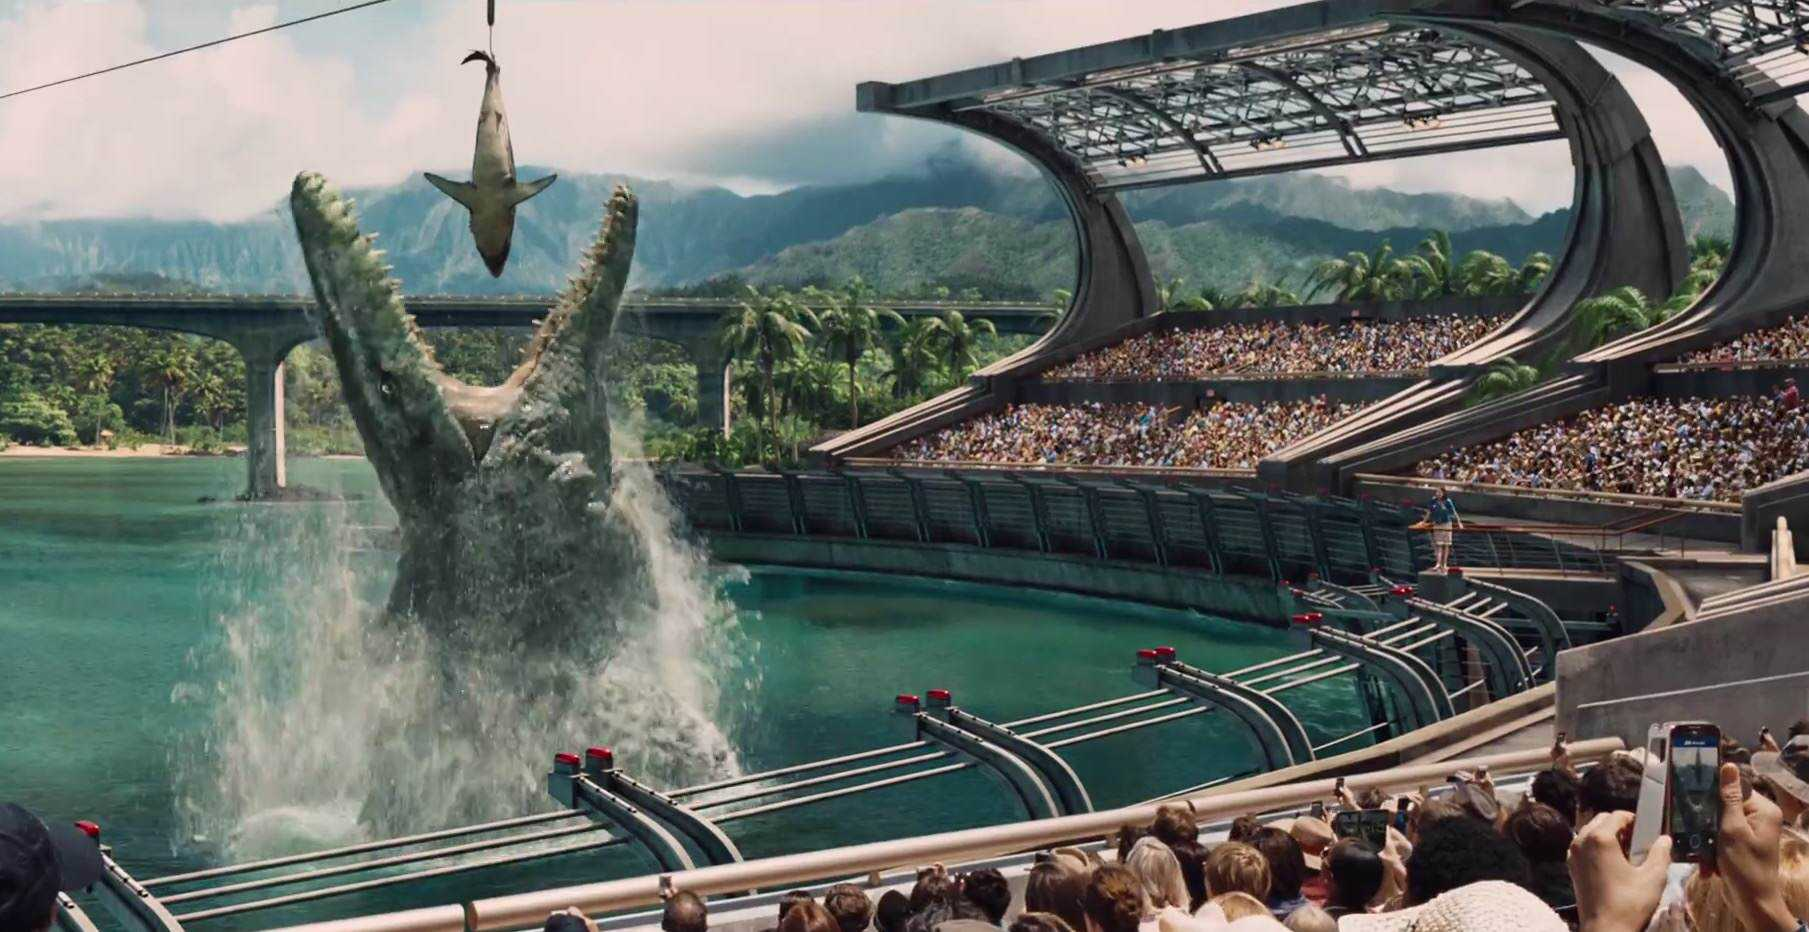 Mosasaur Feeding Show Crocodilo gigante